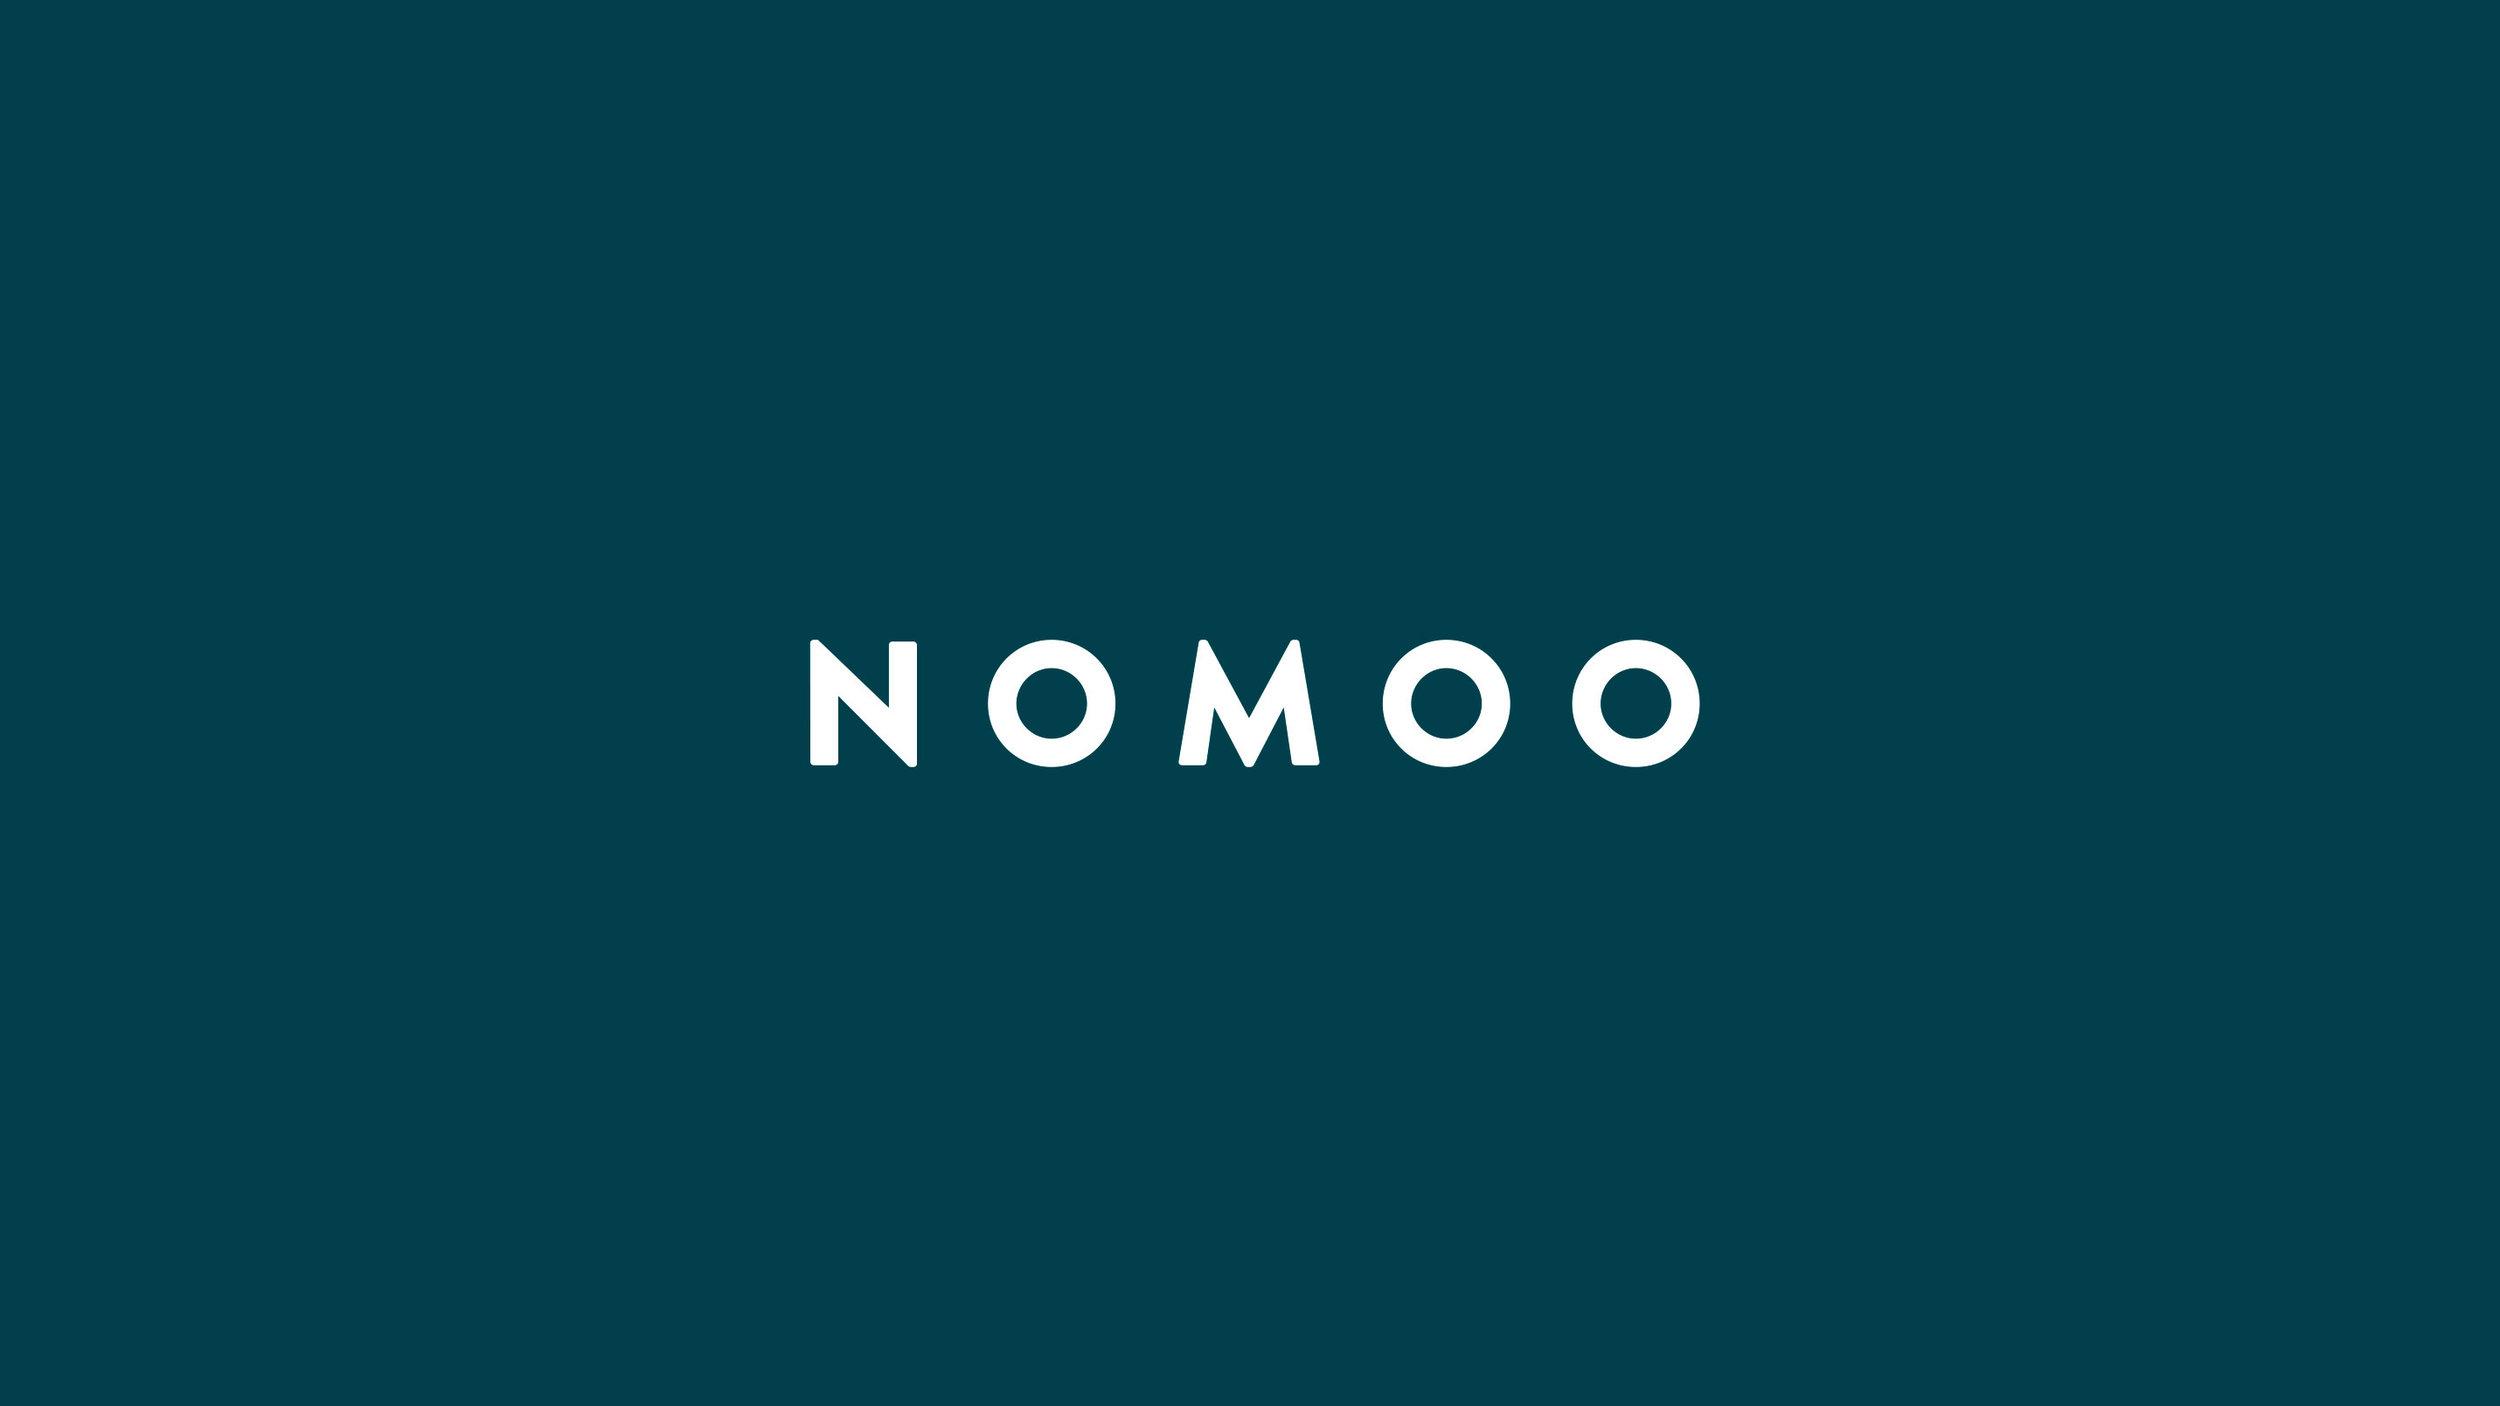 NOMOO-logo-dark-bg.jpg